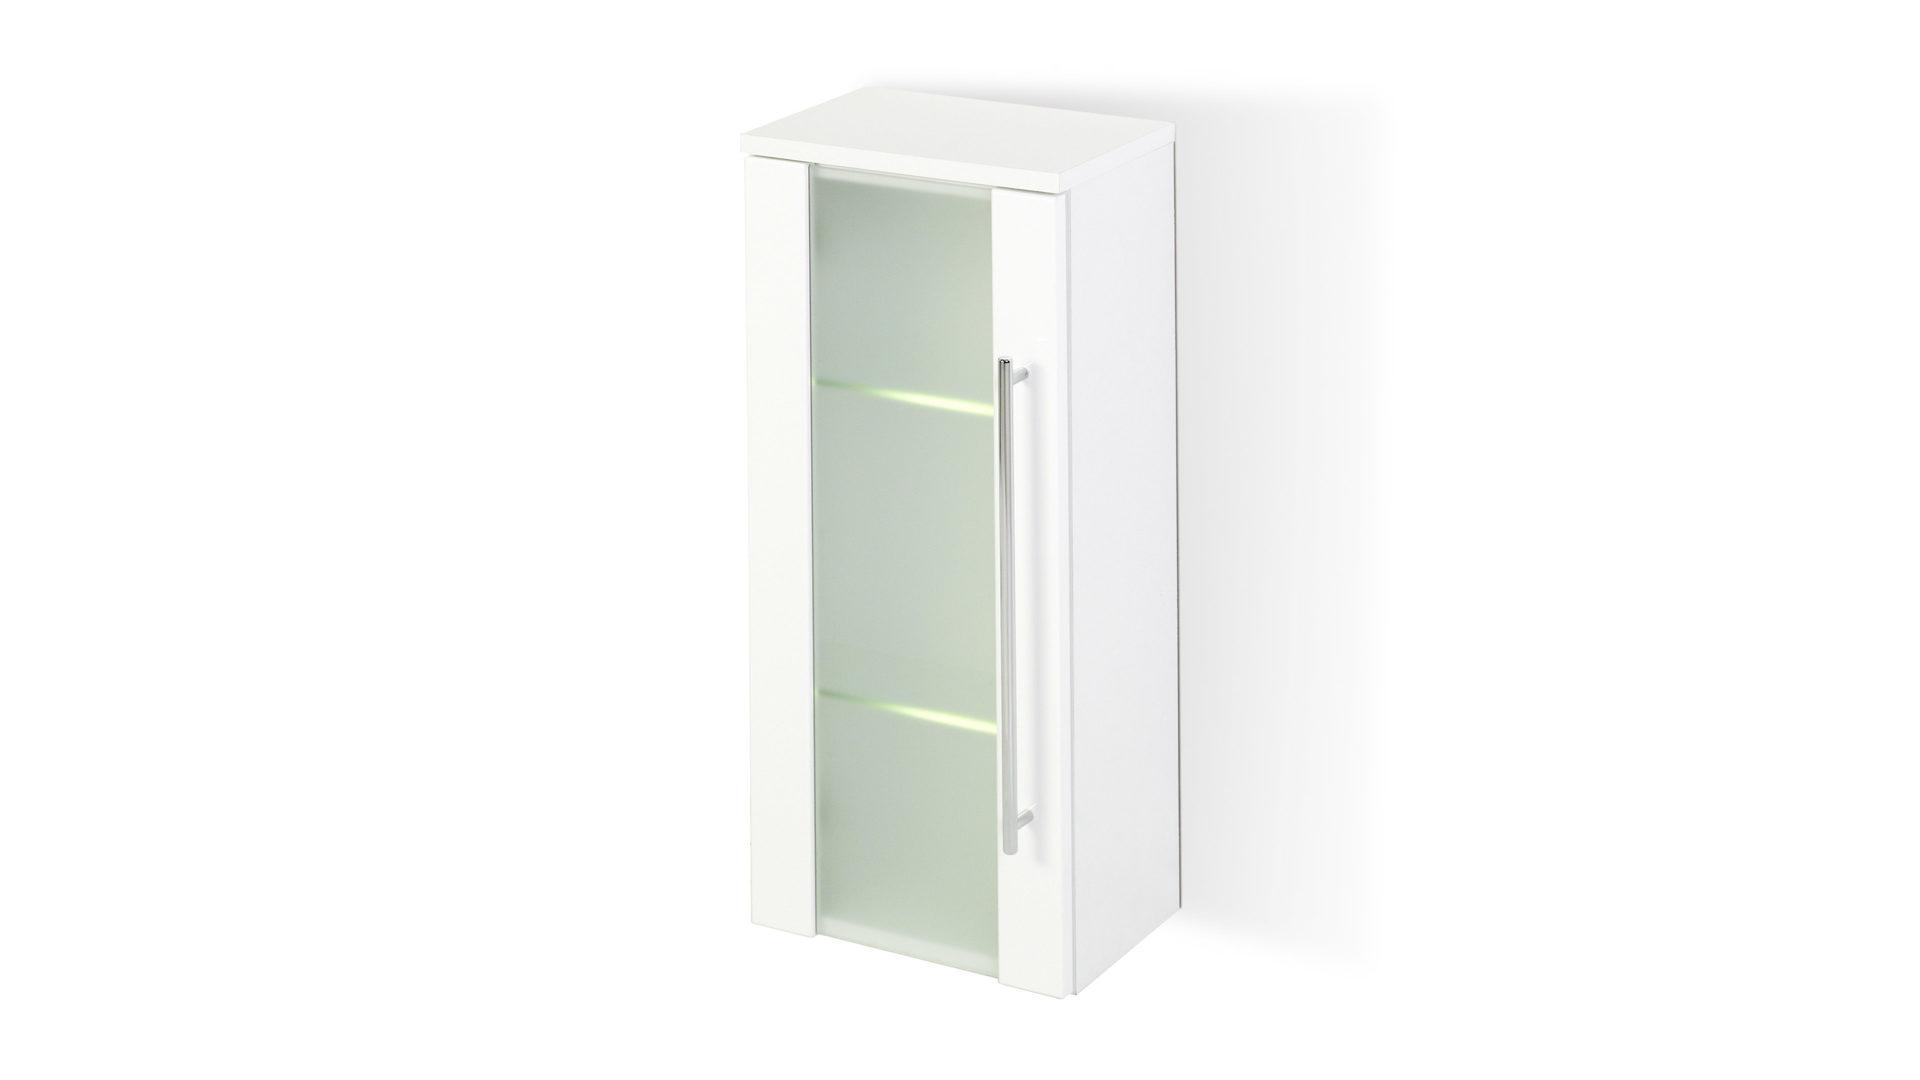 Badschrank bzw. Hängeschrank Mailand fürs Badezimmer , weiße ...